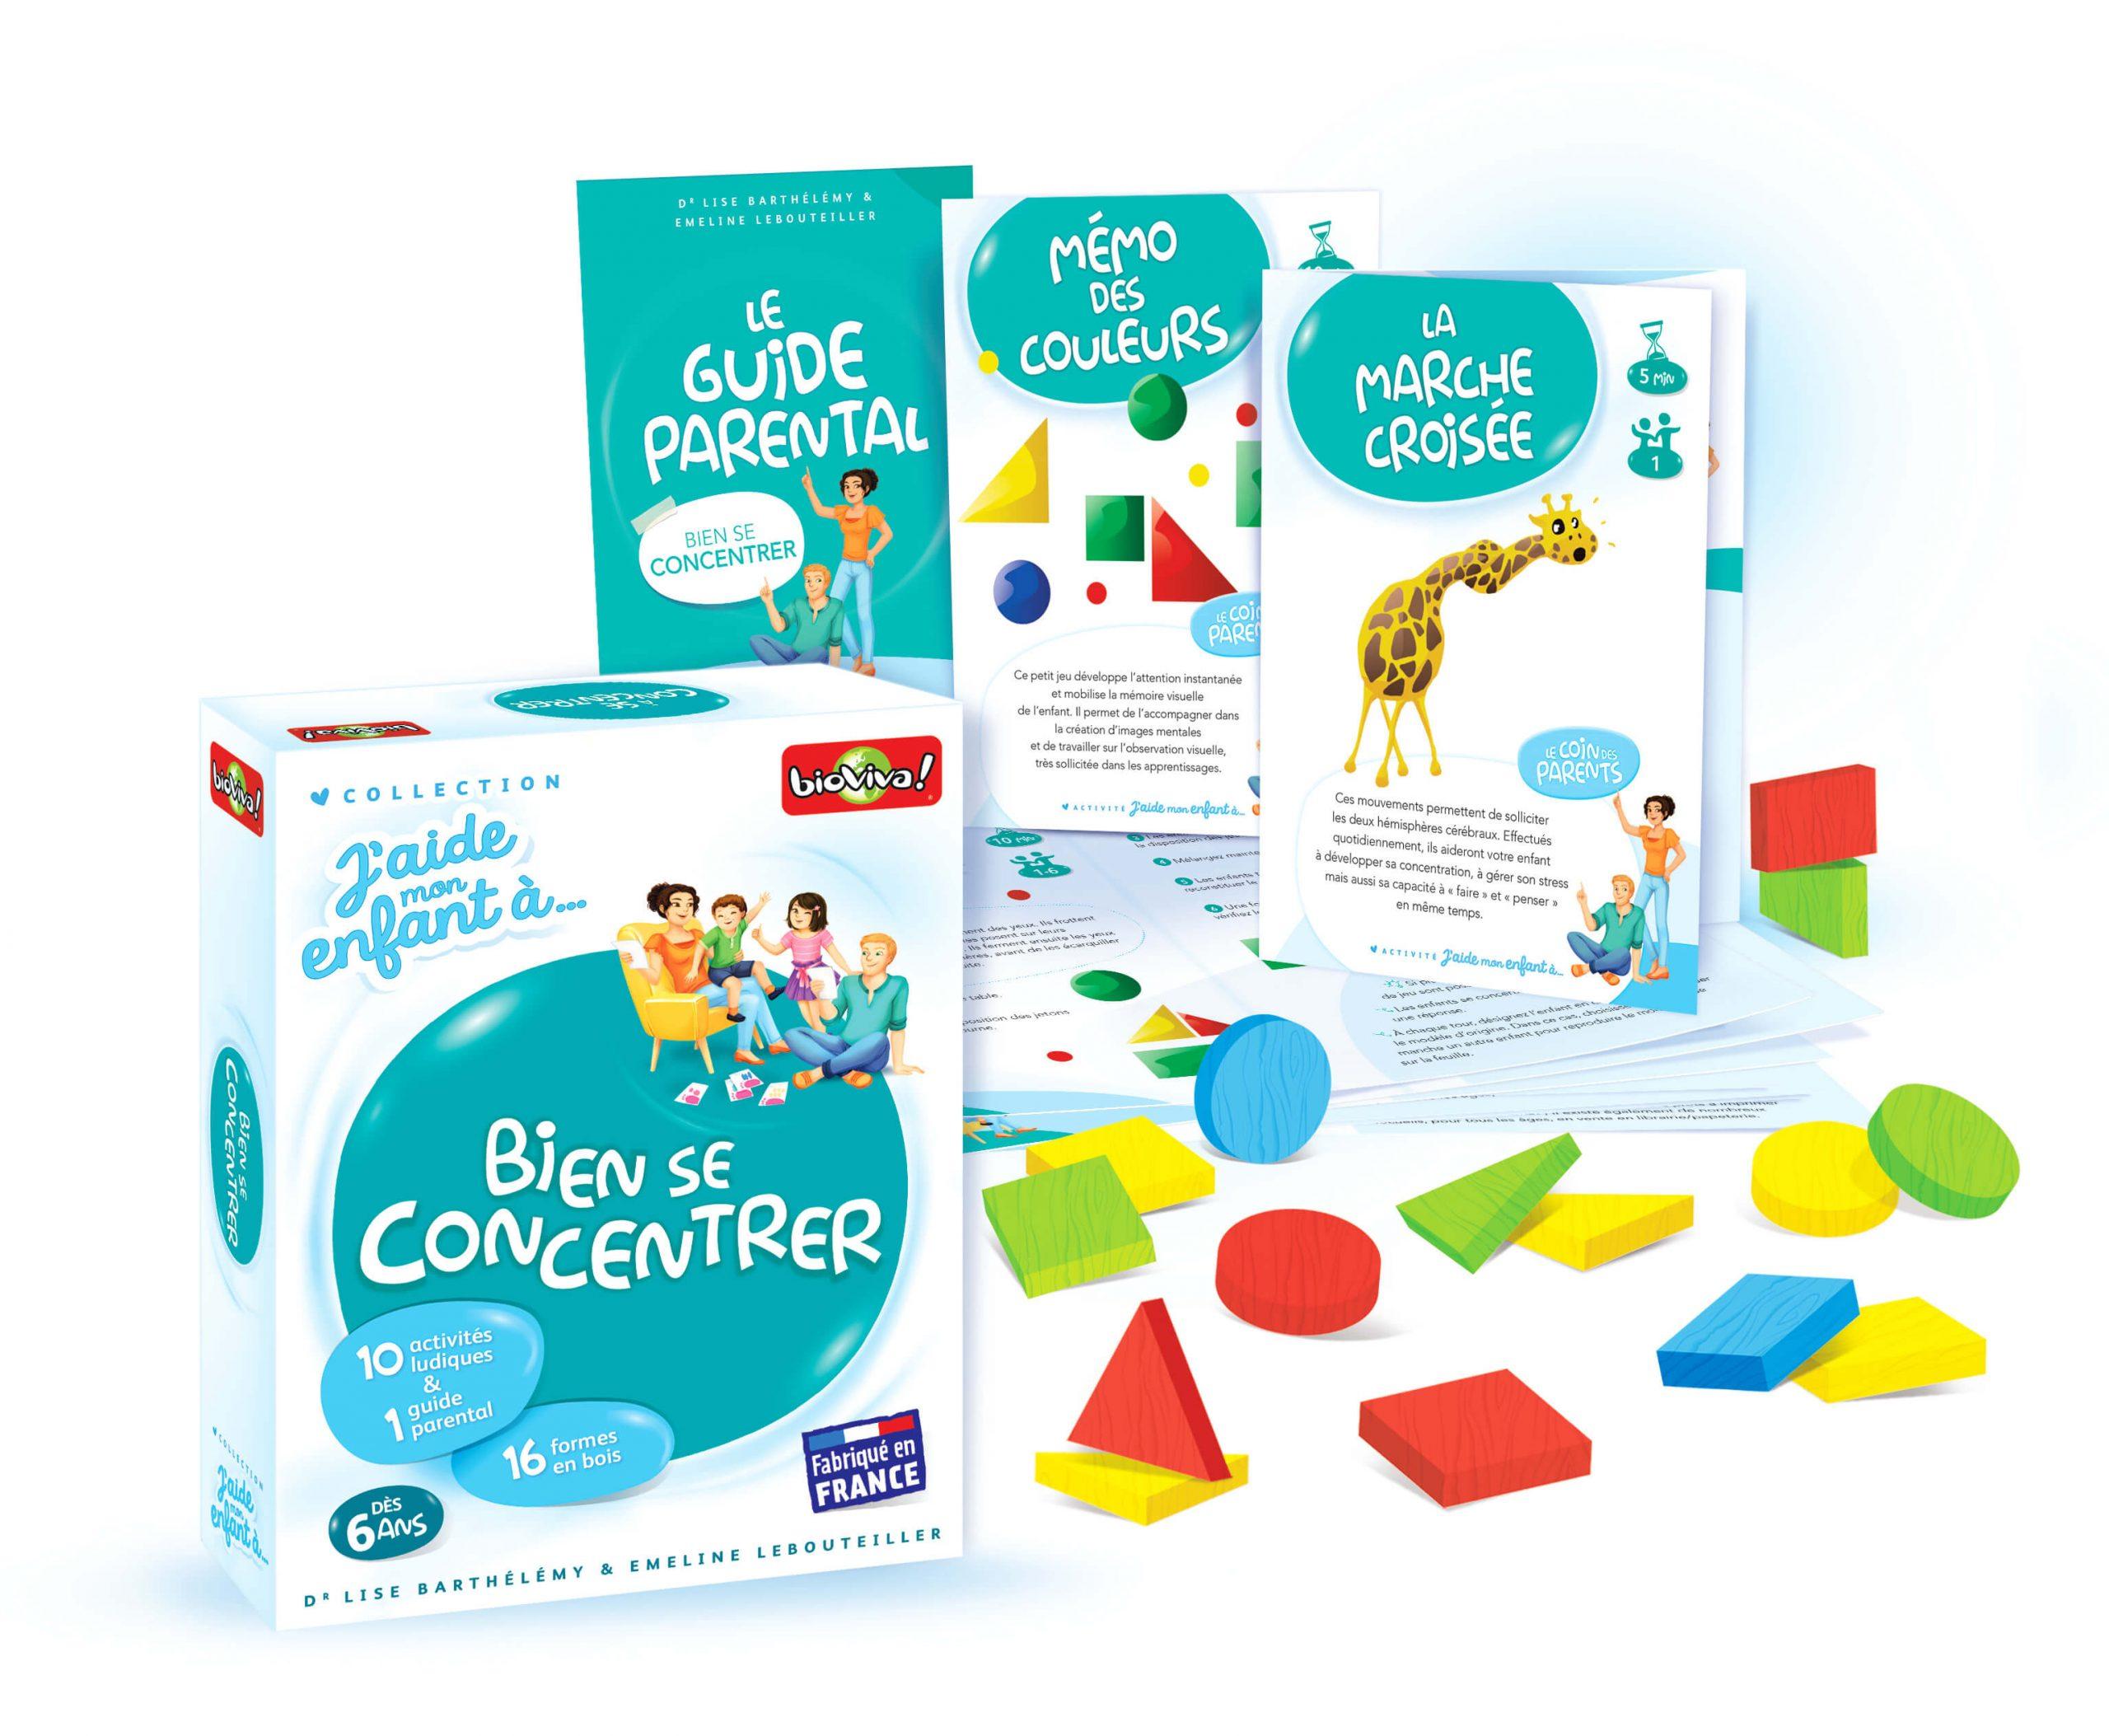 Jeux De Memoire Enfant - Greatestcoloringbook destiné Jeux Memoire Enfant